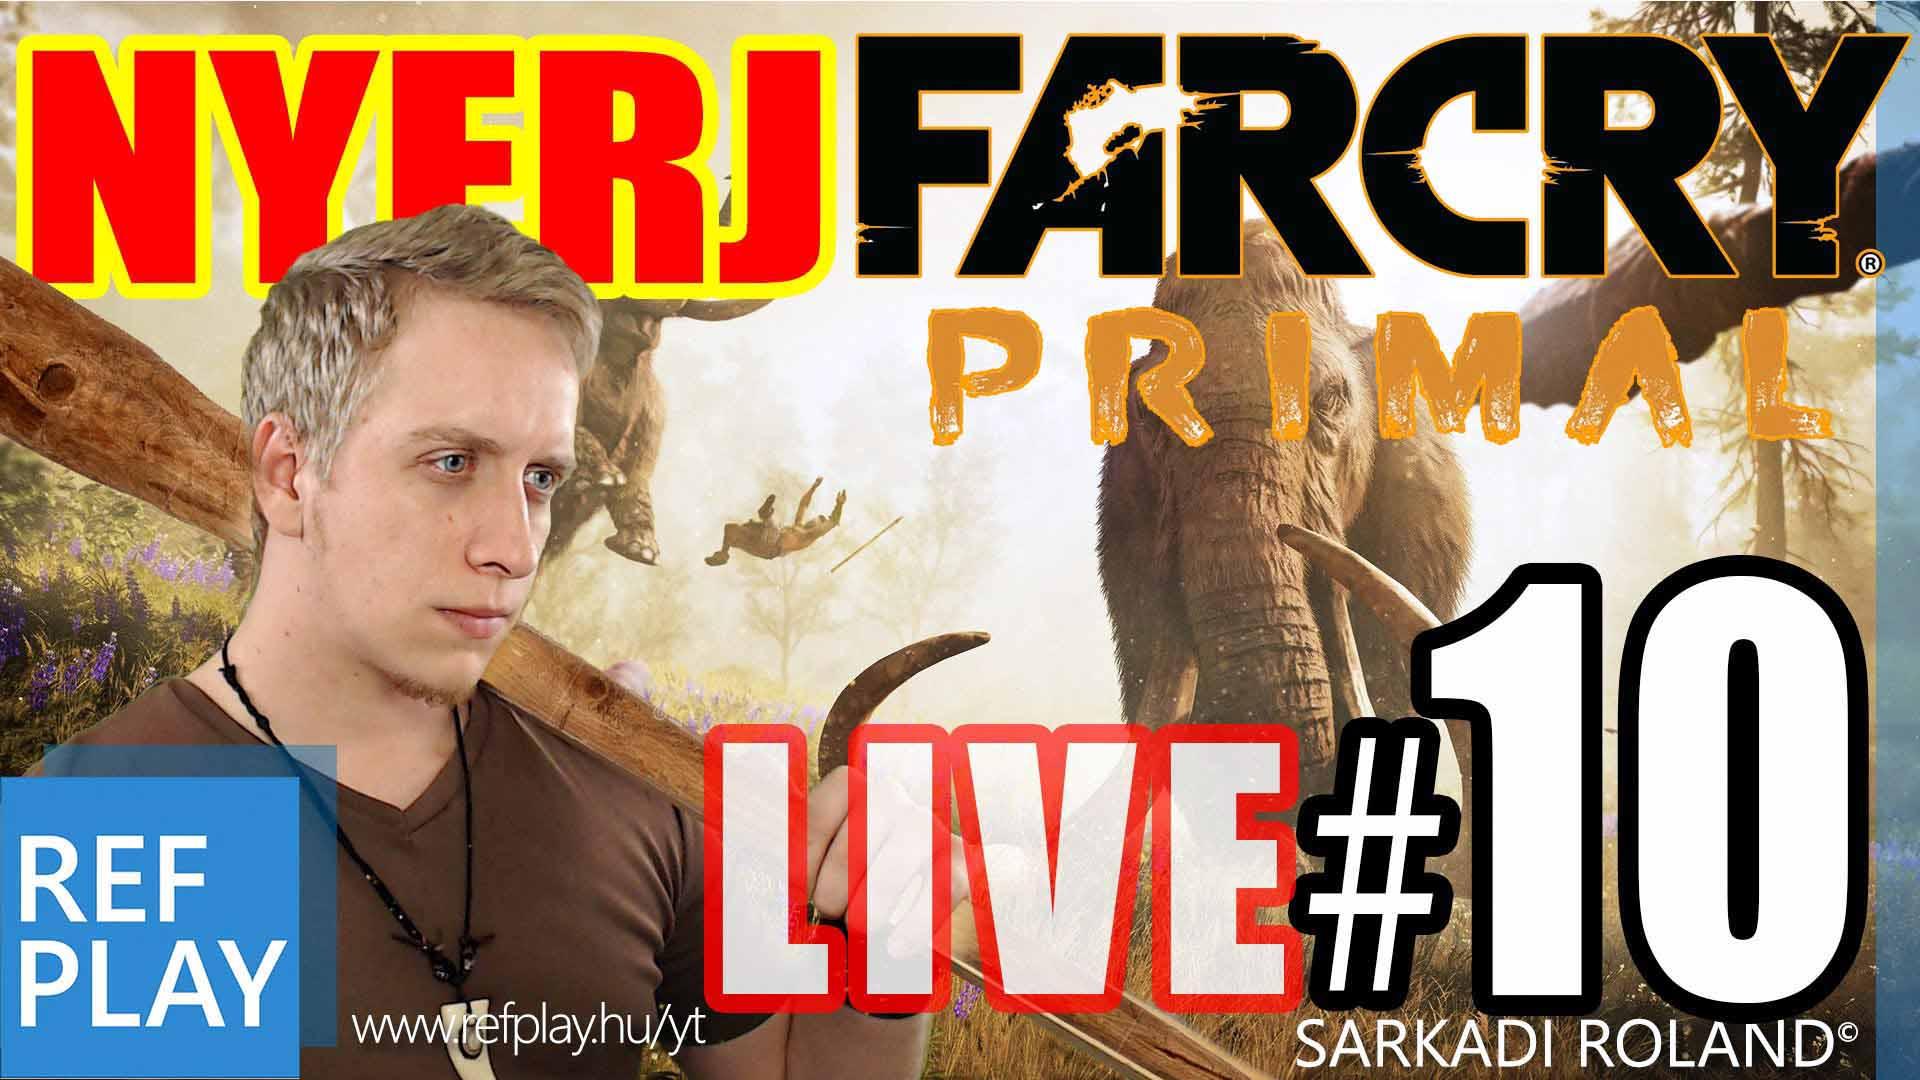 Far Cry Primal 10.rész | Magyar végigjátszás | REFPLAY.HU